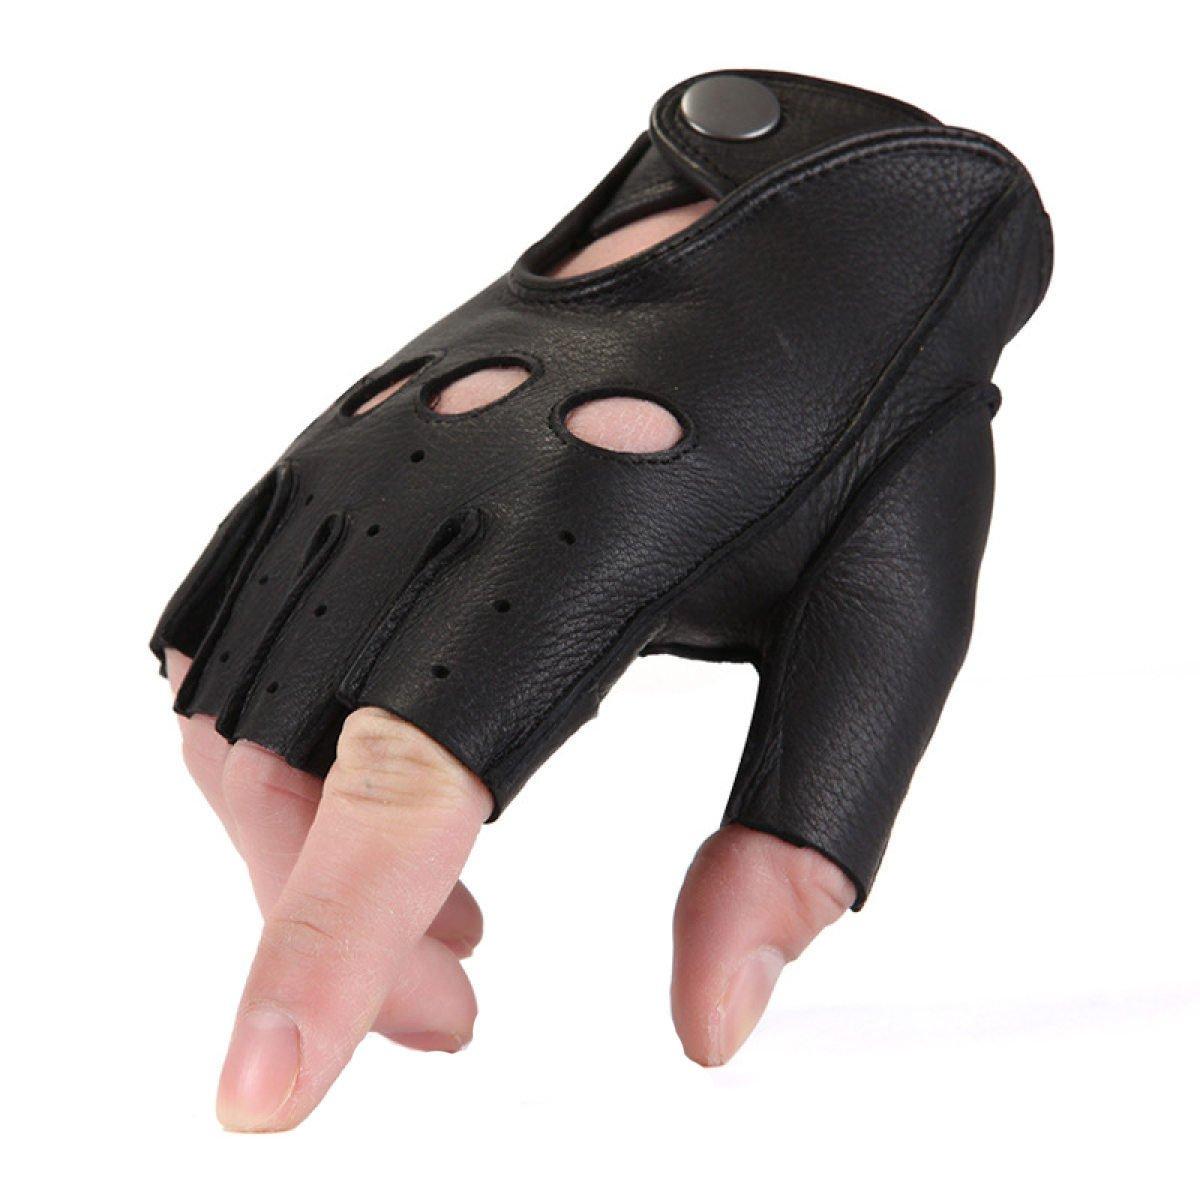 BFMEI Outdoor-Sport Alle Männer Und Frauen Reiten Klettern Anti-Rutsch-Touchscreen Handschuhe,schwarz-L